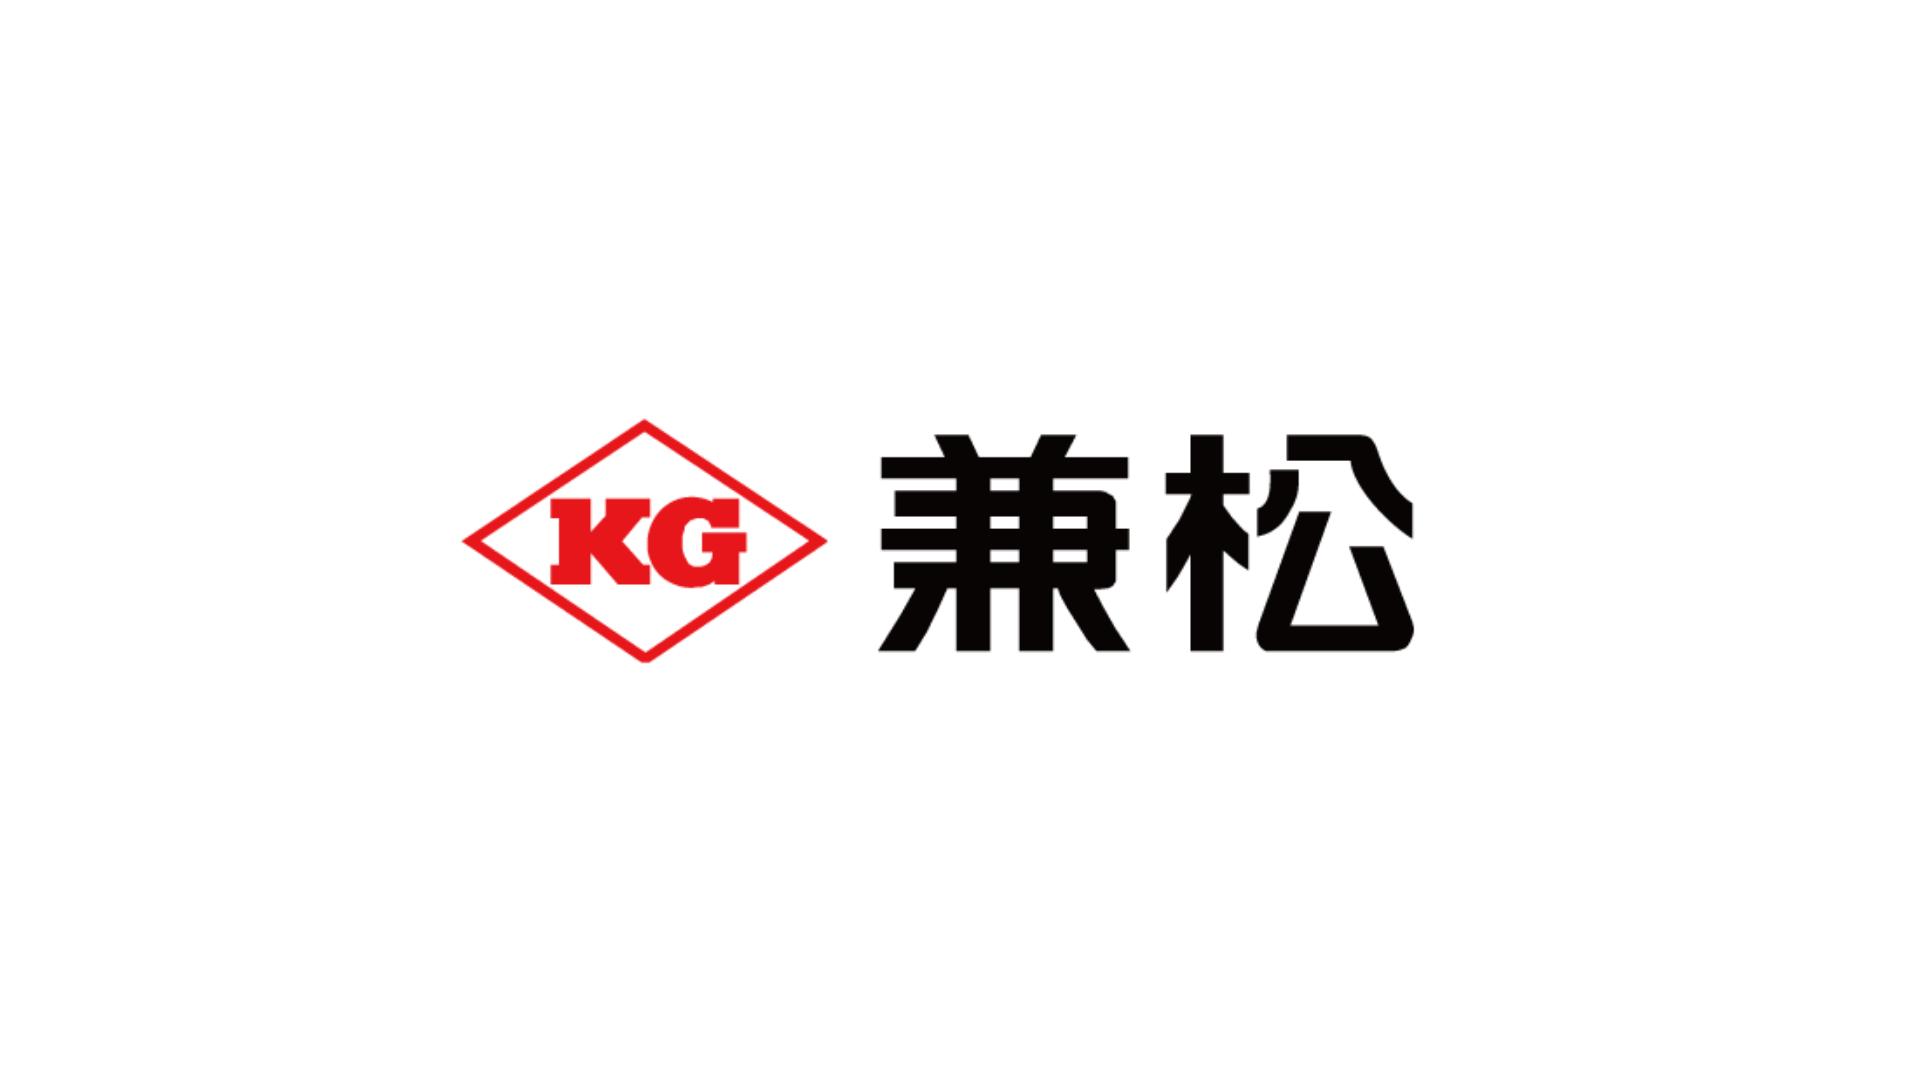 兼松のロゴ